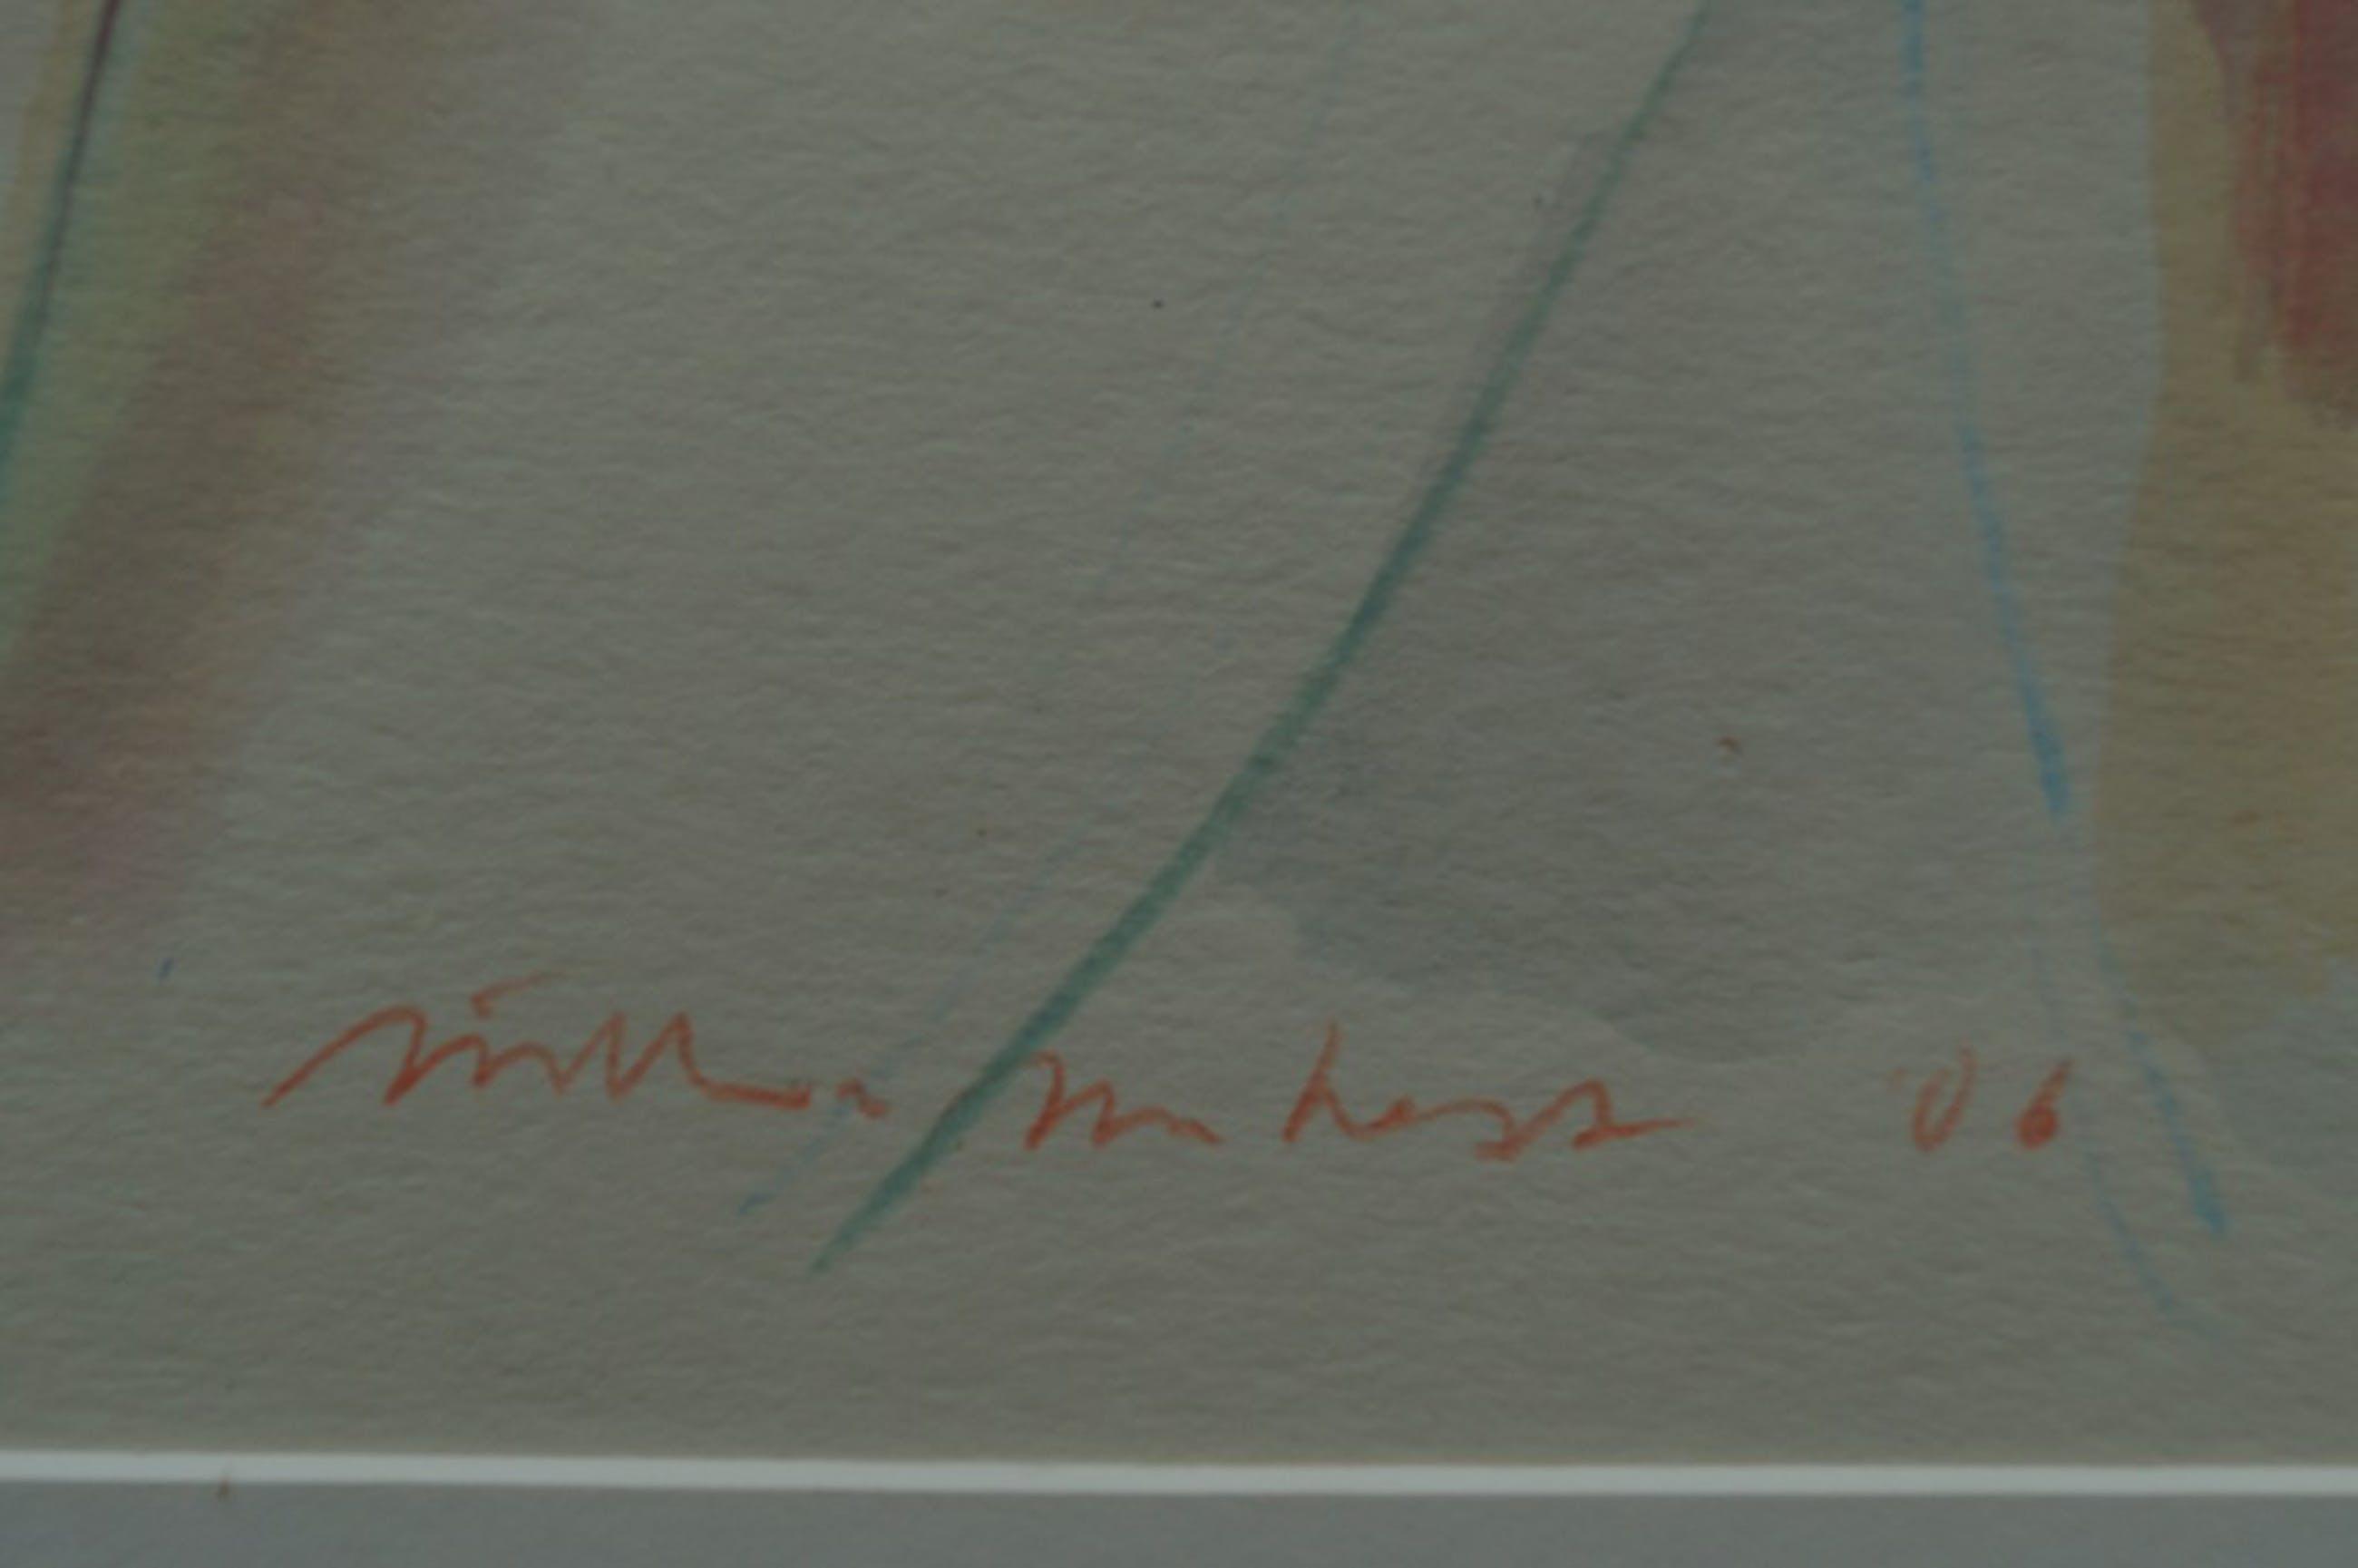 Willem van Hest - tekening/aquarel met passepartout - 2006 kopen? Bied vanaf 20!